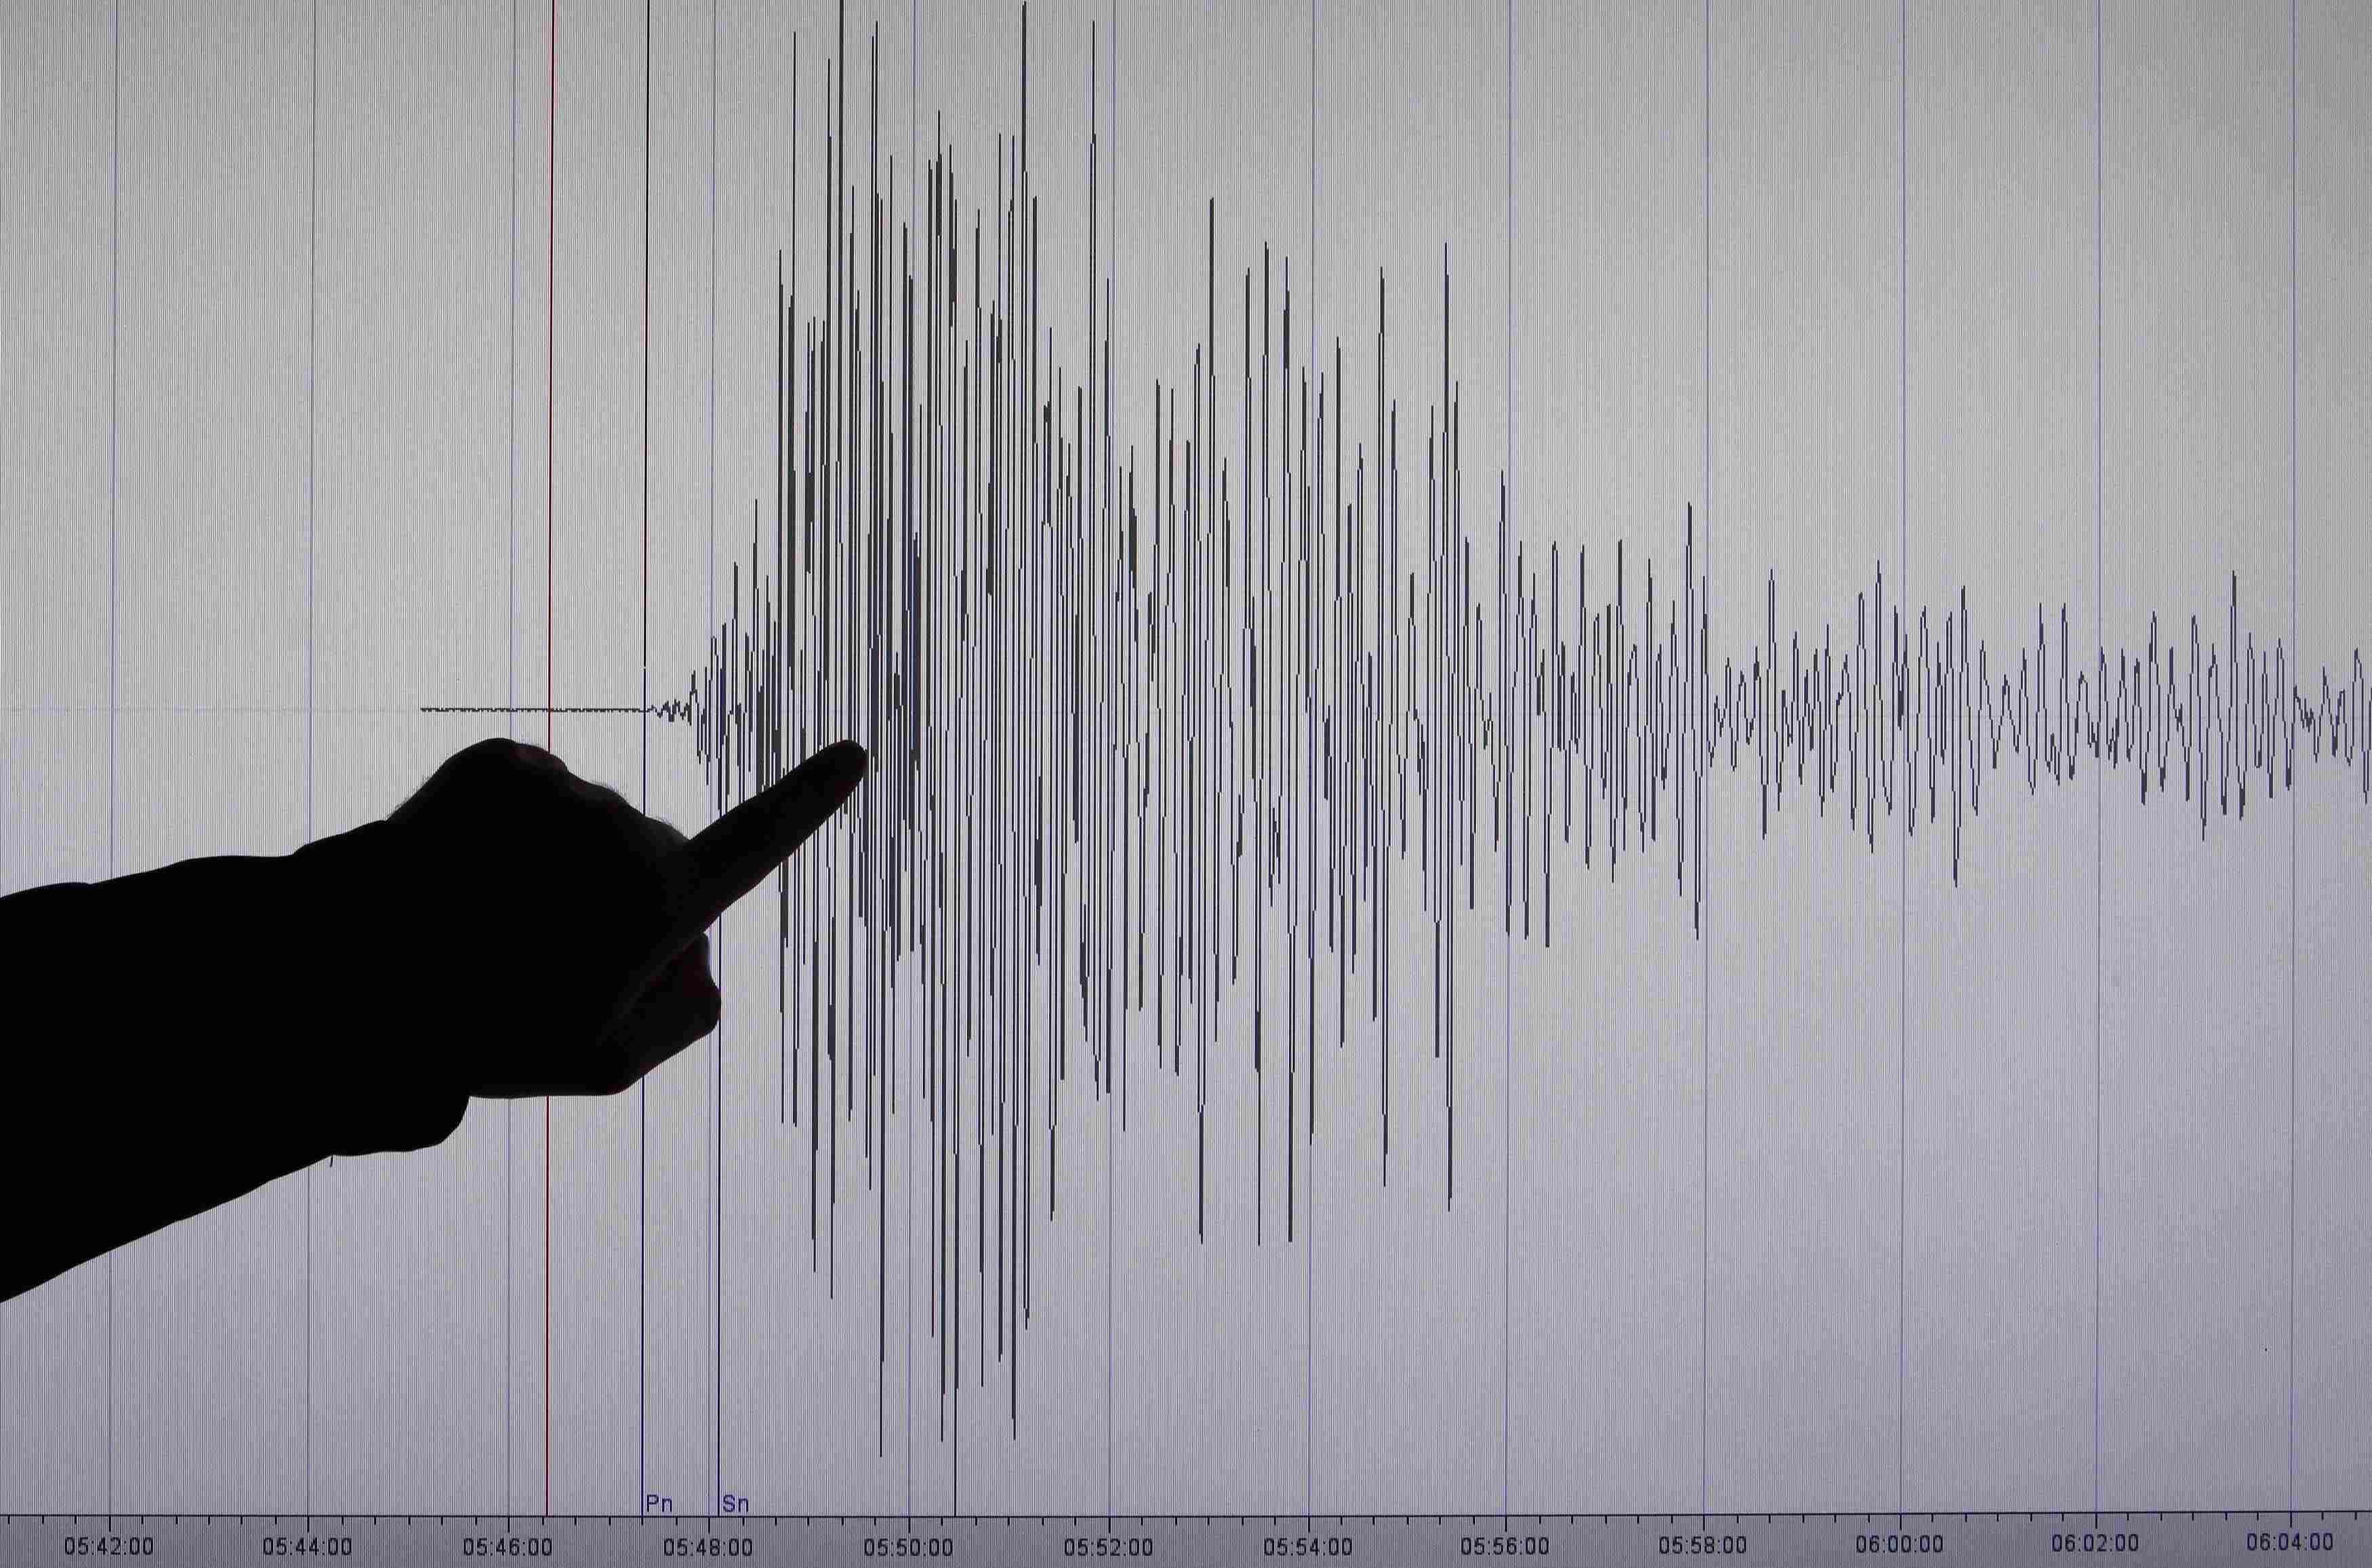 Prof. Dr. Naci Görür Karaburun'daki 4,3'lük depremi yorumladı: Daha büyük bir depremin habercisi mi?